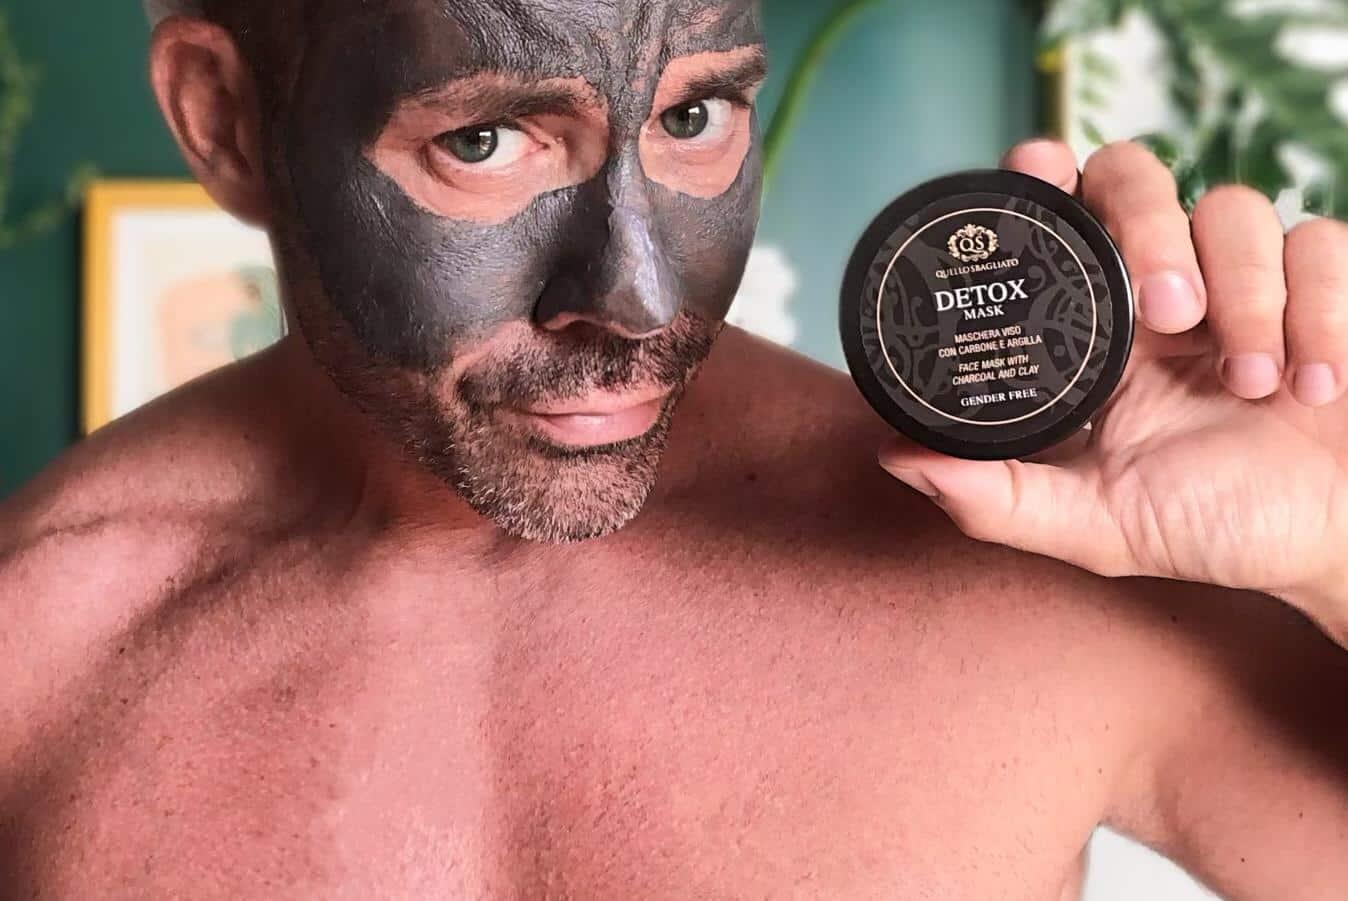 Migliori maschere anti-punti neri e detox. Pelle luminosa per uomo e donna.